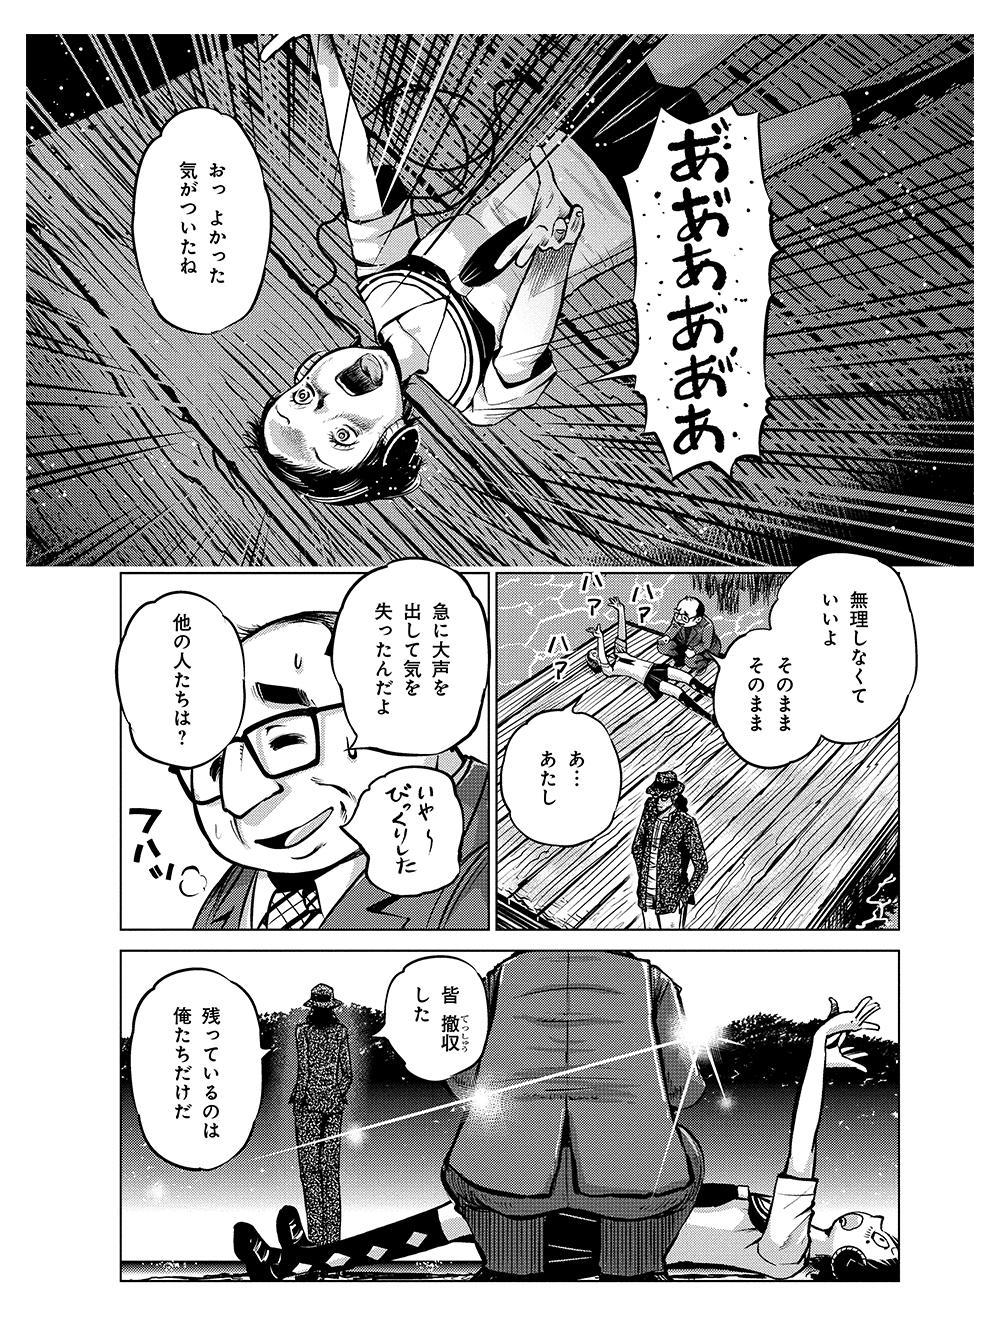 ことなかれ 第3話「革仔玉」①kotonakare01-10.jpg